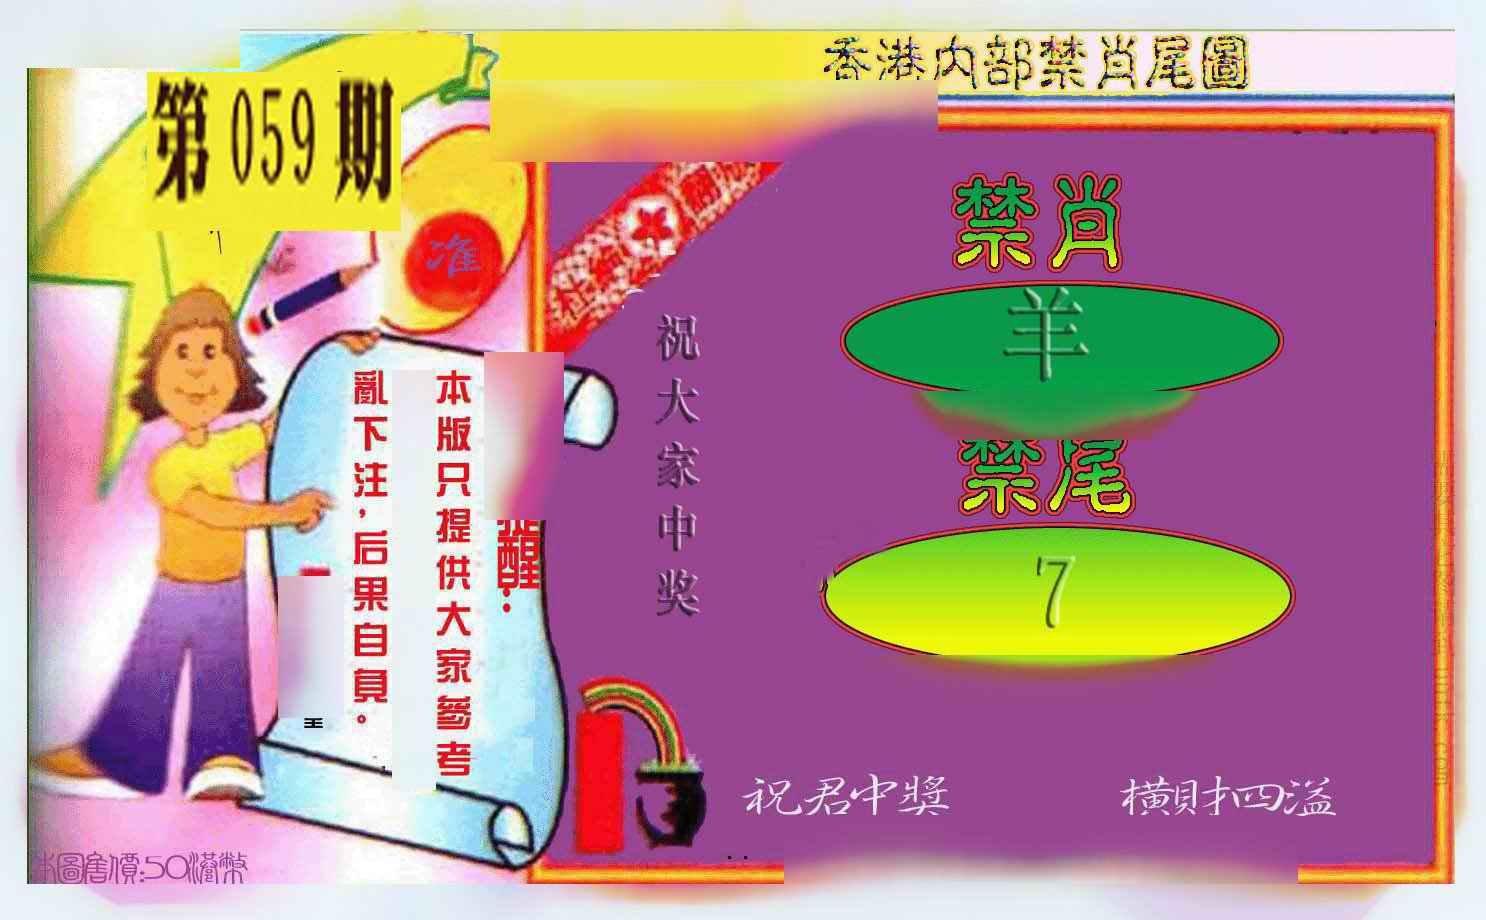 059期禁肖-禁尾图